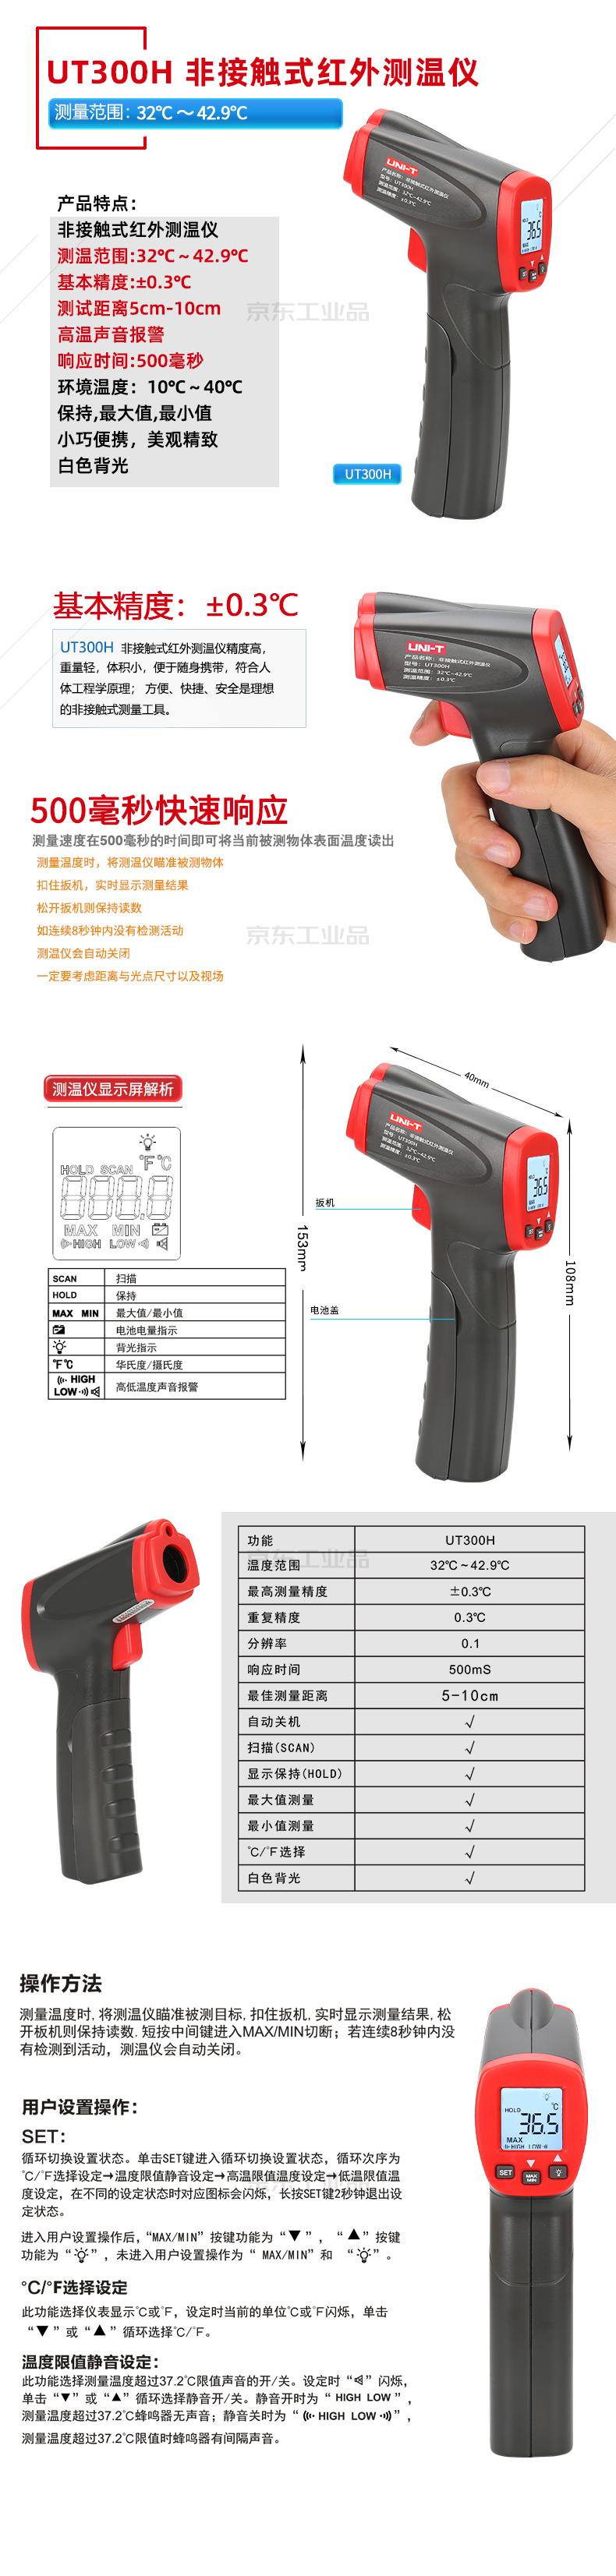 优利德 工业红外测温仪,32~42.9°C,精度±0.3℃;UT300H